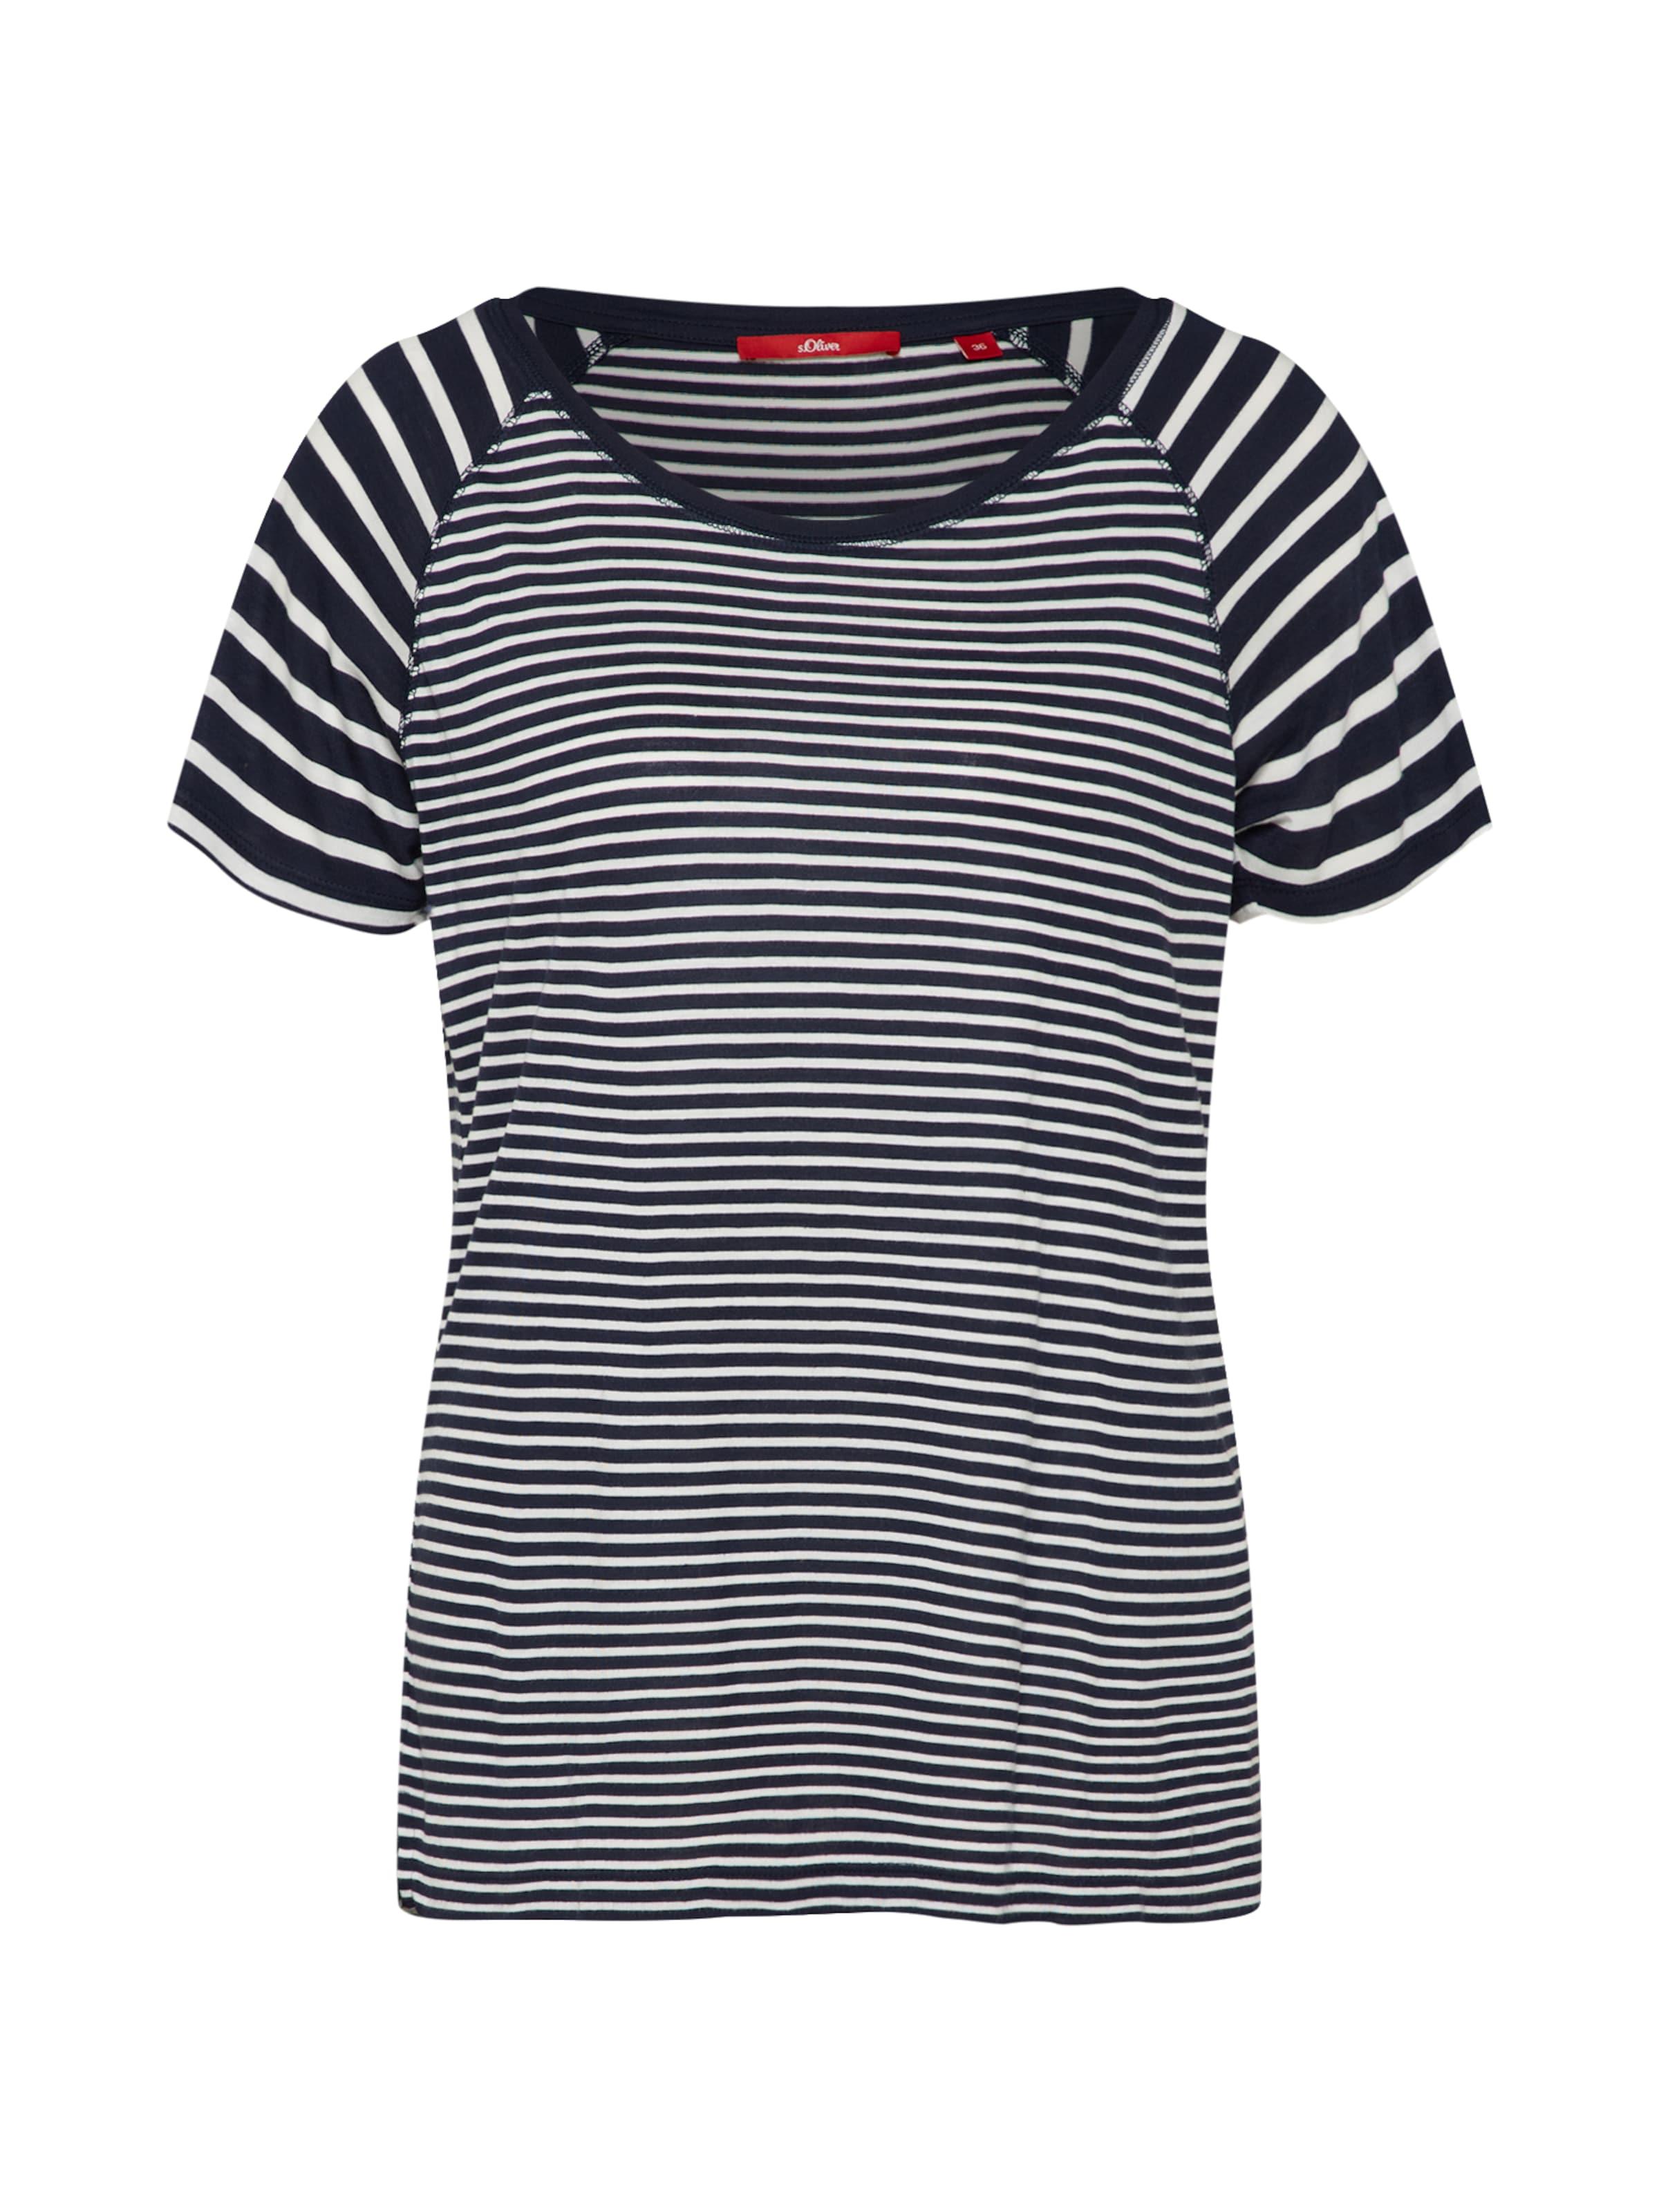 shirt NuitBlanc oliver En T Label Red Bleu S J3FlT1Kc